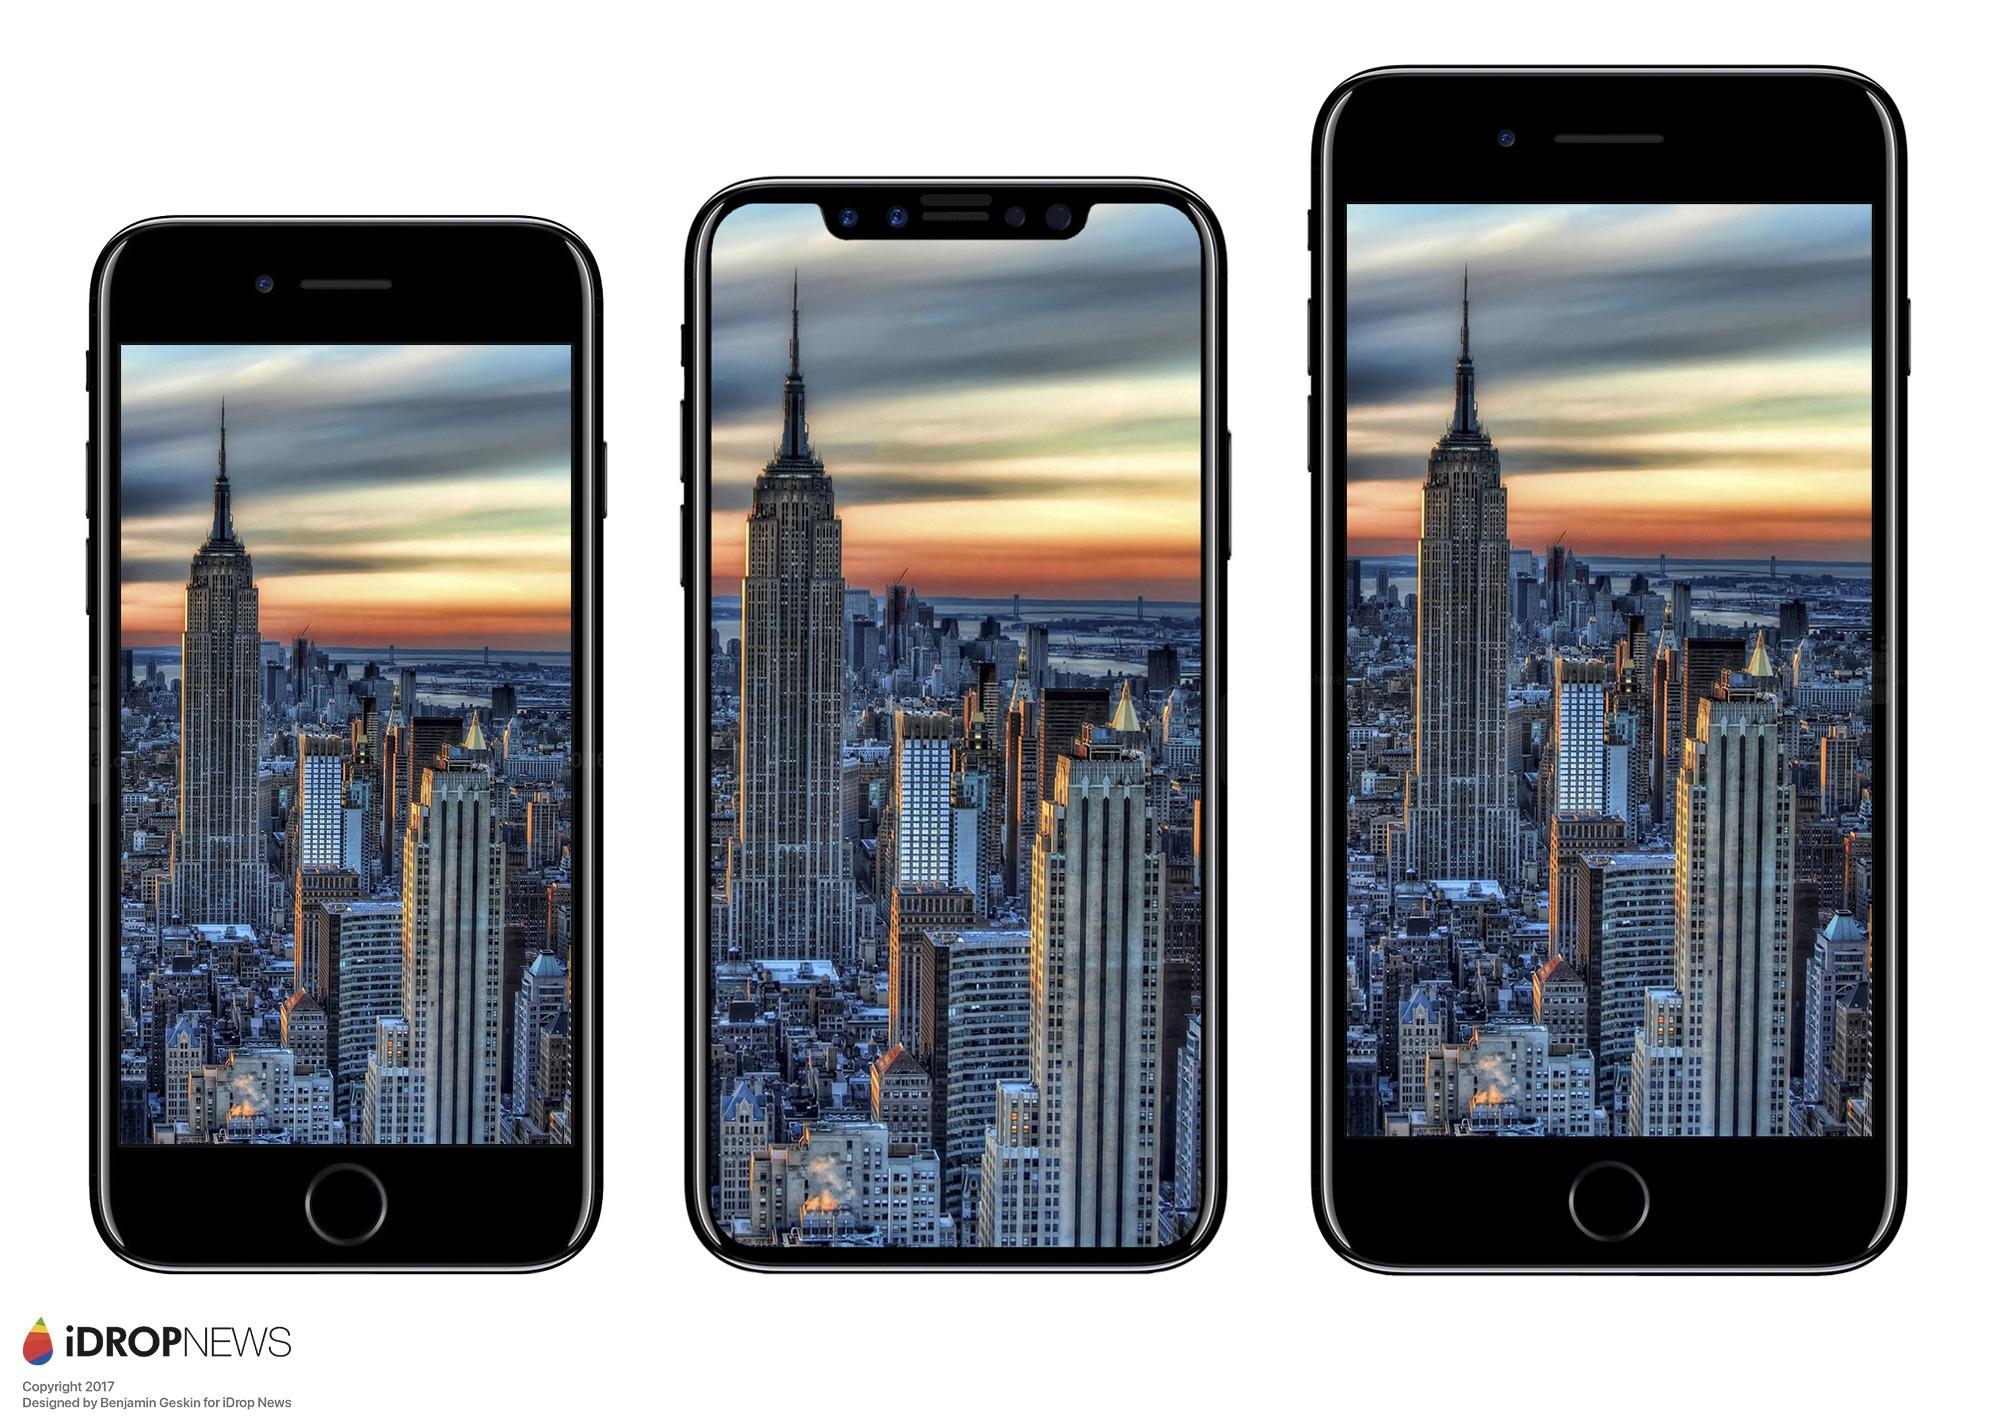 iPhone 7 vs <stro />iPhone℗</strong> 8&#8243; width=&#8221;600&#8243; height=&#8221;428&#8243; srcset=&#8221;https://www.tuexpertomovil.com/wp-content/uploads/2017/05/iphone-8-tamaño-iphone-7.jpg 2000w, https://www.tuexpertomovil.com/wp-content/uploads/2017/05/iphone-8-tamaño-iphone-7-300&#215;214.jpg 300w, https://www.tuexpertomovil.com/wp-content/uploads/2017/05/iphone-8-tamaño-iphone-7-768&#215;548.jpg 768w, https://www.tuexpertomovil.com/wp-content/uploads/2017/05/iphone-8-tamaño-iphone-7-1024&#215;731.jpg 1024w&#8221; sizes=&#8221;(max-width: 600px) 100vw, 600px&#8221; /></p> <p>En BGR cuentan que iDrop News ha filtrado muchas imágenes (posiblemente conceptuales) del tamaño del <strong>iPhone℗</strong> 8. Este aparato tendrá una pantalla con marcos muy reducidos, por lo tanto, sus dimensiones serán además más reducidas. Por lo menos, que las del <strong>iPhone℗</strong> 7 Plus. <strong>El <strong>iPhone℗</strong> 8 tendría unas dimensiones de 143.59 x 70.94 x 7.57 mm</strong>. Mientras que la del <strong>iPhone℗</strong> 7 son de 138,3 x 67,1 x 7.1 mm. Así que, logramos decir que el <strong>iPhone℗</strong> 8 será más pequeño que el <strong>iPhone℗</strong> 7 Plus, pero más enorme que el <strong>iPhone℗</strong> 7. Debemos destacar, que el <strong>iPhone℗</strong> 8 tendría una pantalla más enorme que el modelo Plus del 7. Aun así, no lo gana en tamaño.</p> <h2>Samsung Galaxy℗ S8 vs <strong>iPhone℗</strong> 8, duelo de tamaños</h2> <p><img class=